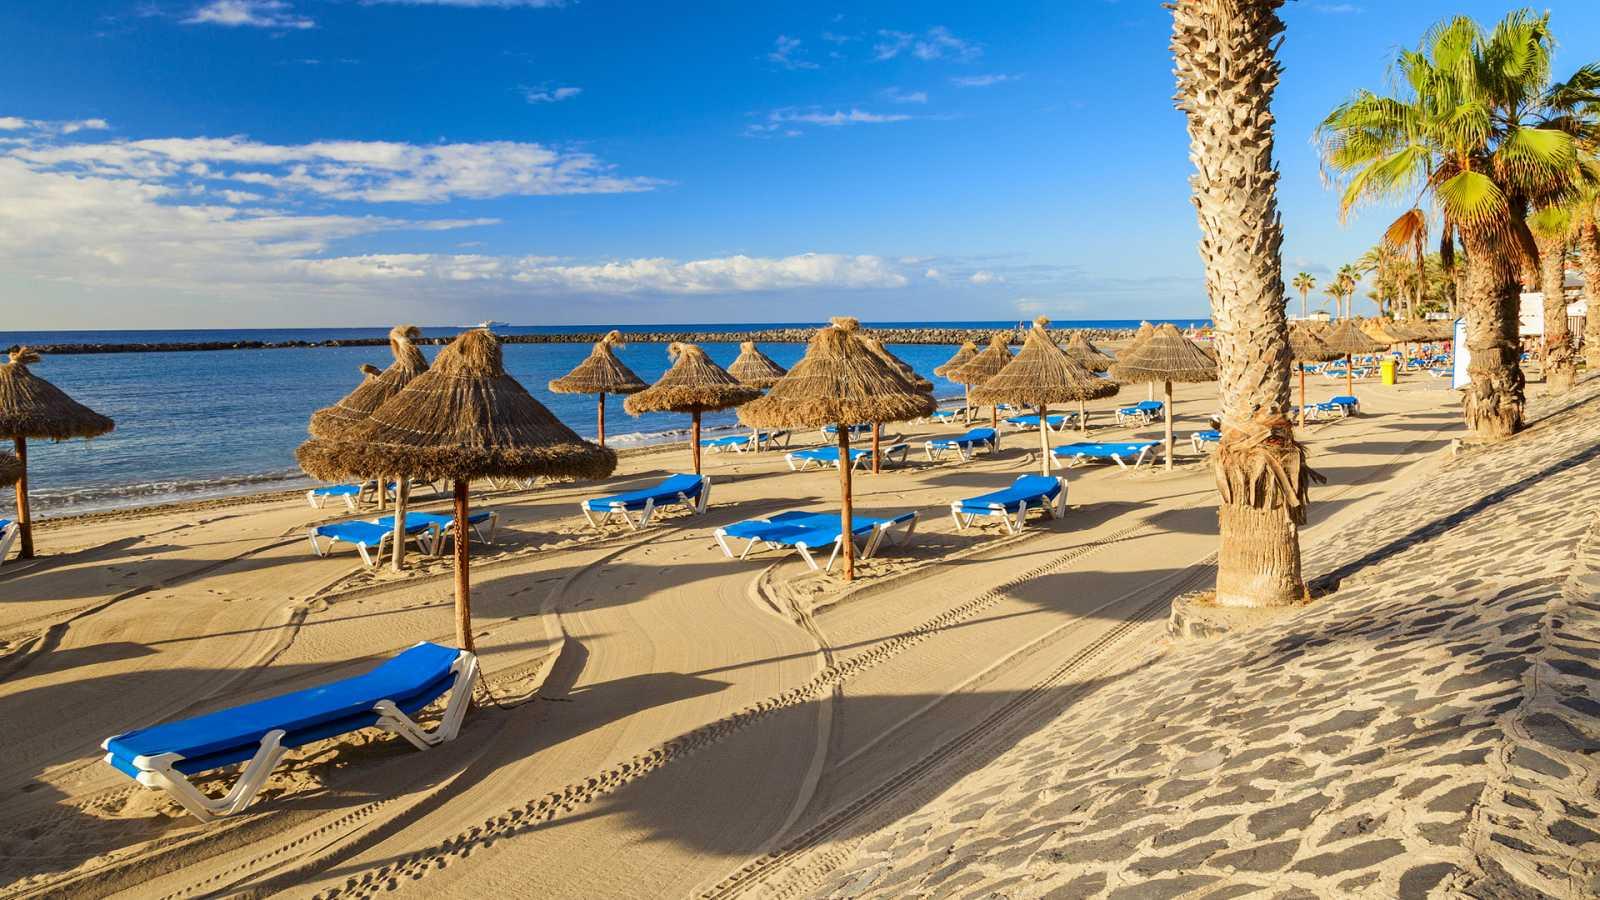 Enclave turismo - Turespaña lanza la campaña de publicidad internacional 'Back to Canary Islands, back to Spain' - 23/11/20 - Escuchar ahora